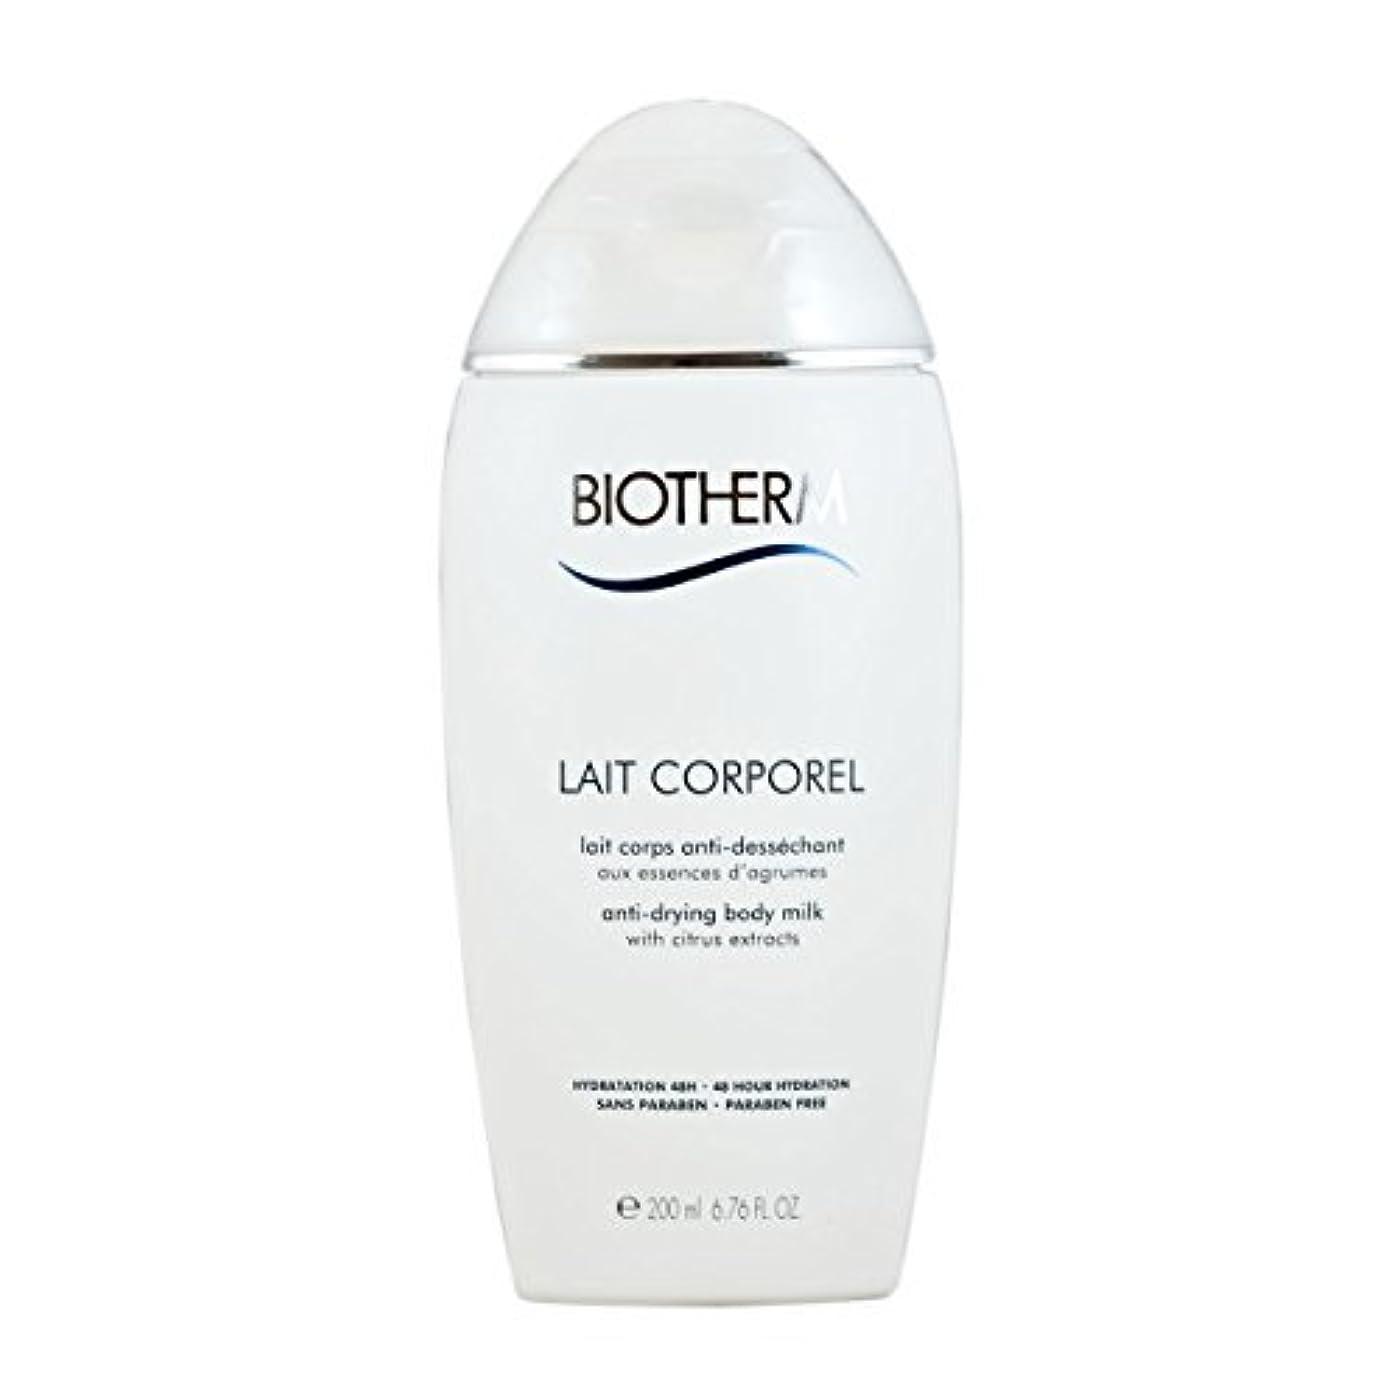 シネマラフ強化Biotherm Lait Corporel Anti-Drying Body Milk 6.76 Ounce [並行輸入品]